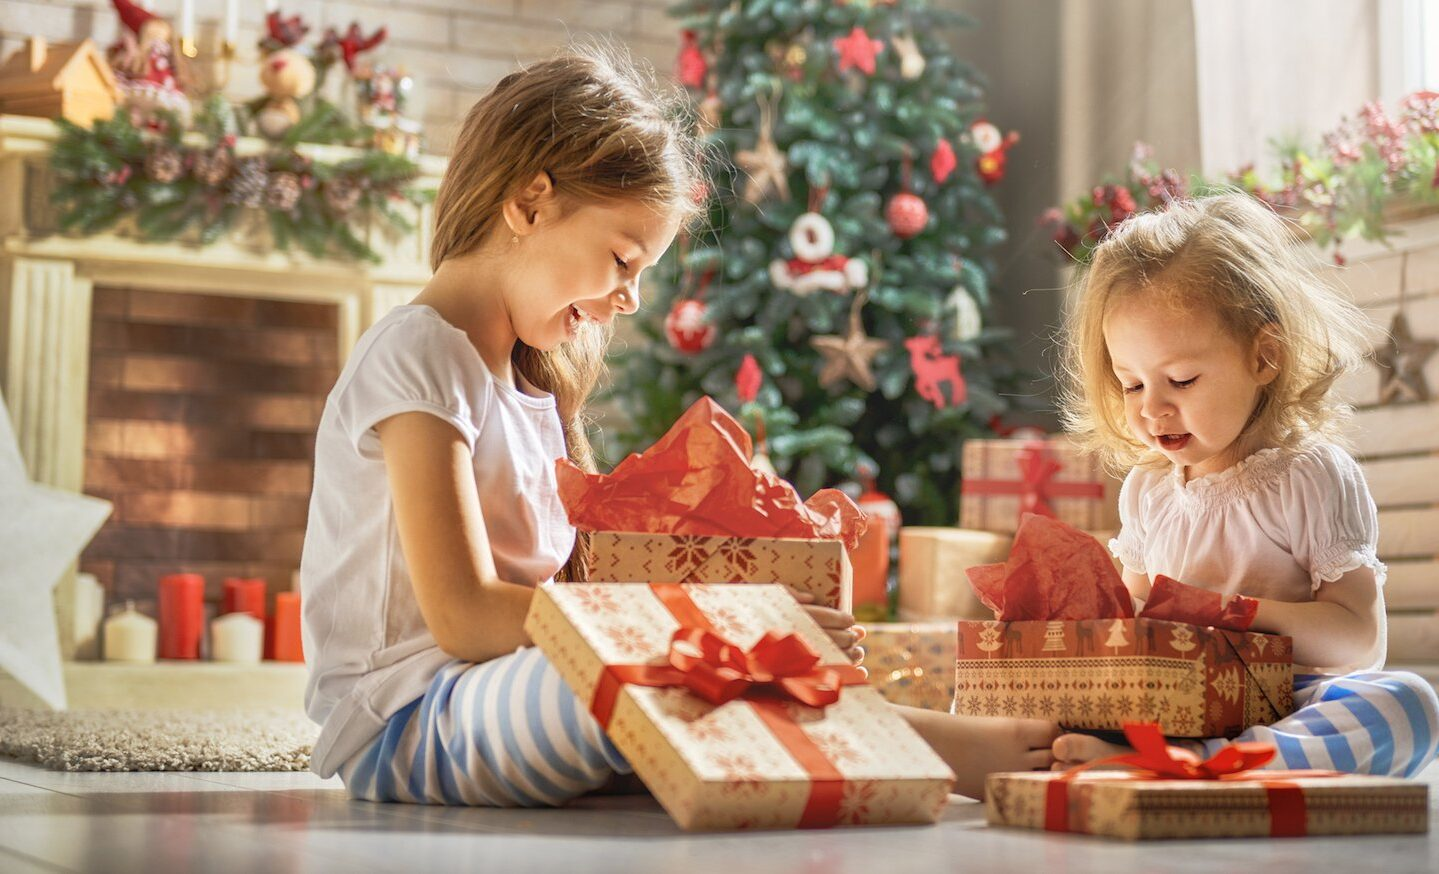 çocuklara hediye vermek